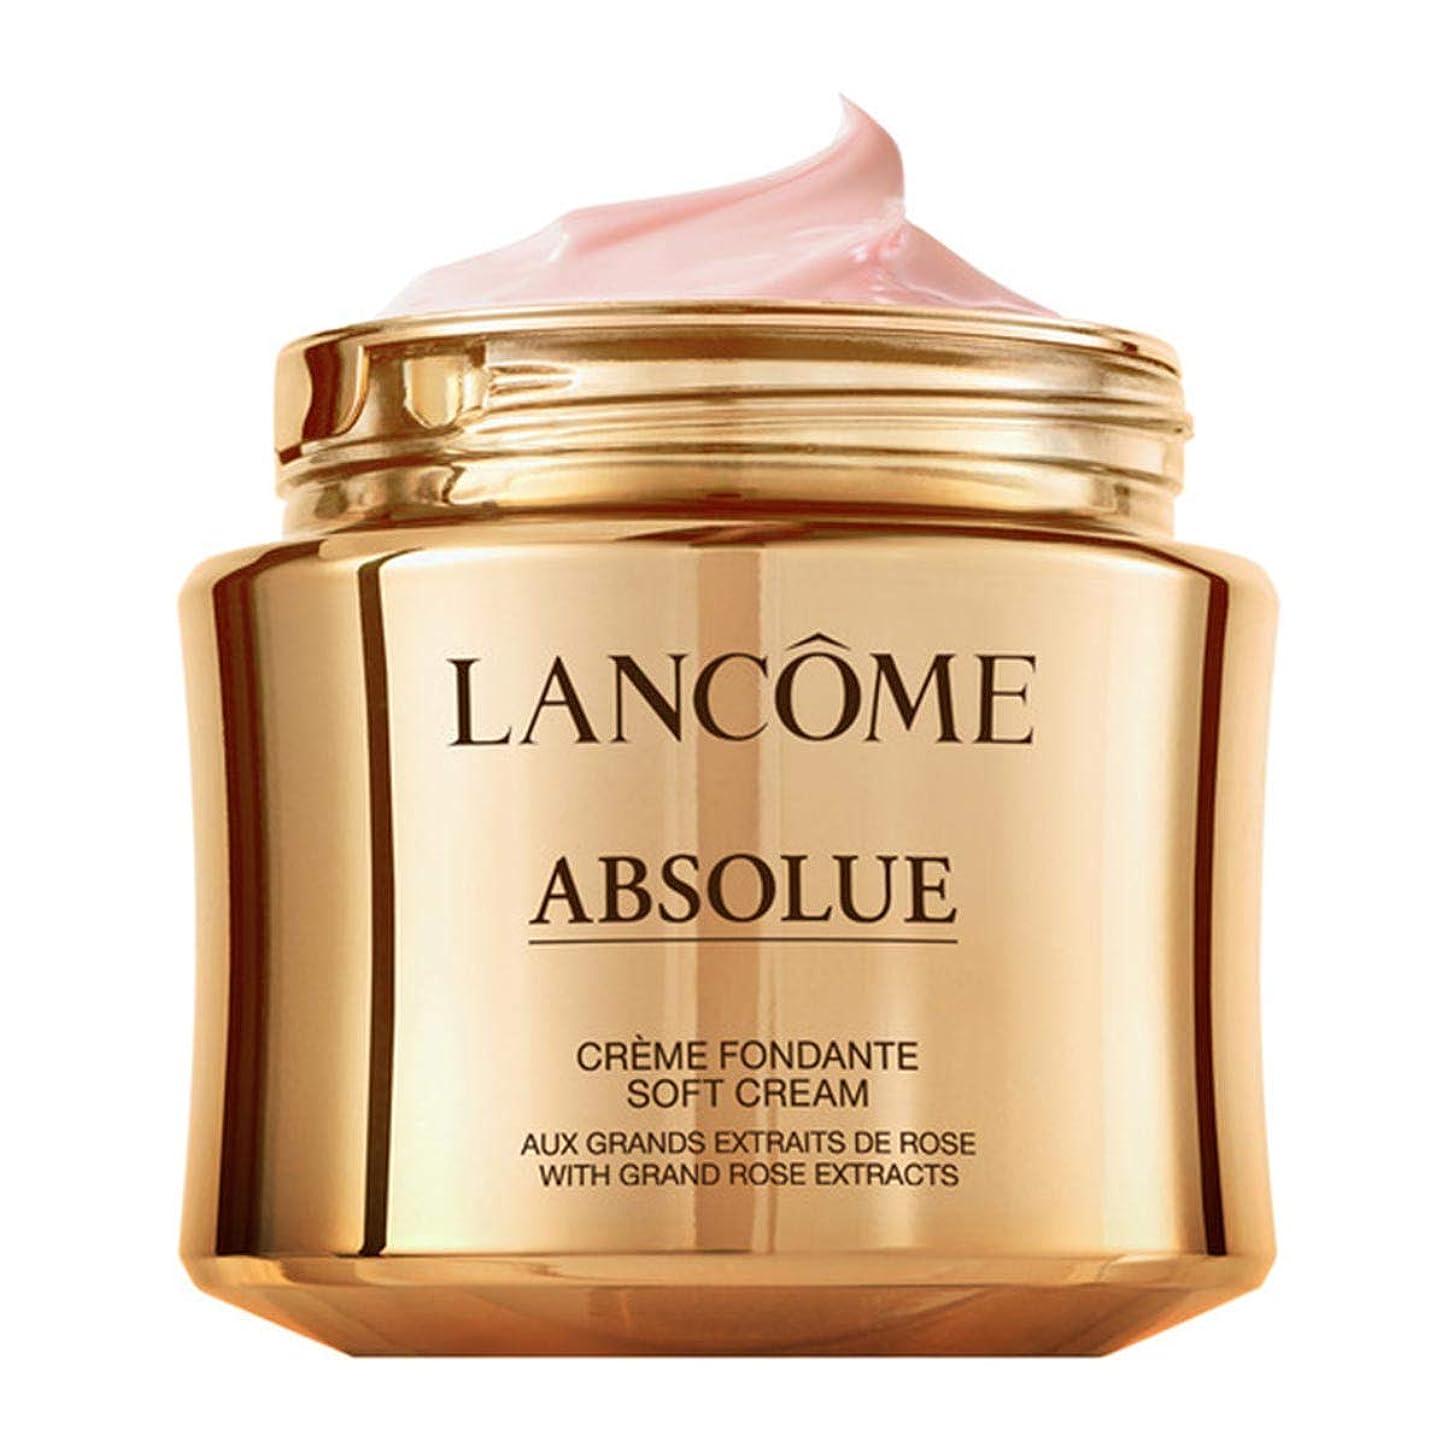 オゾン振り返る各ランコム Absolue Creme Fondante Soft Cream Refill 60ml/2oz並行輸入品